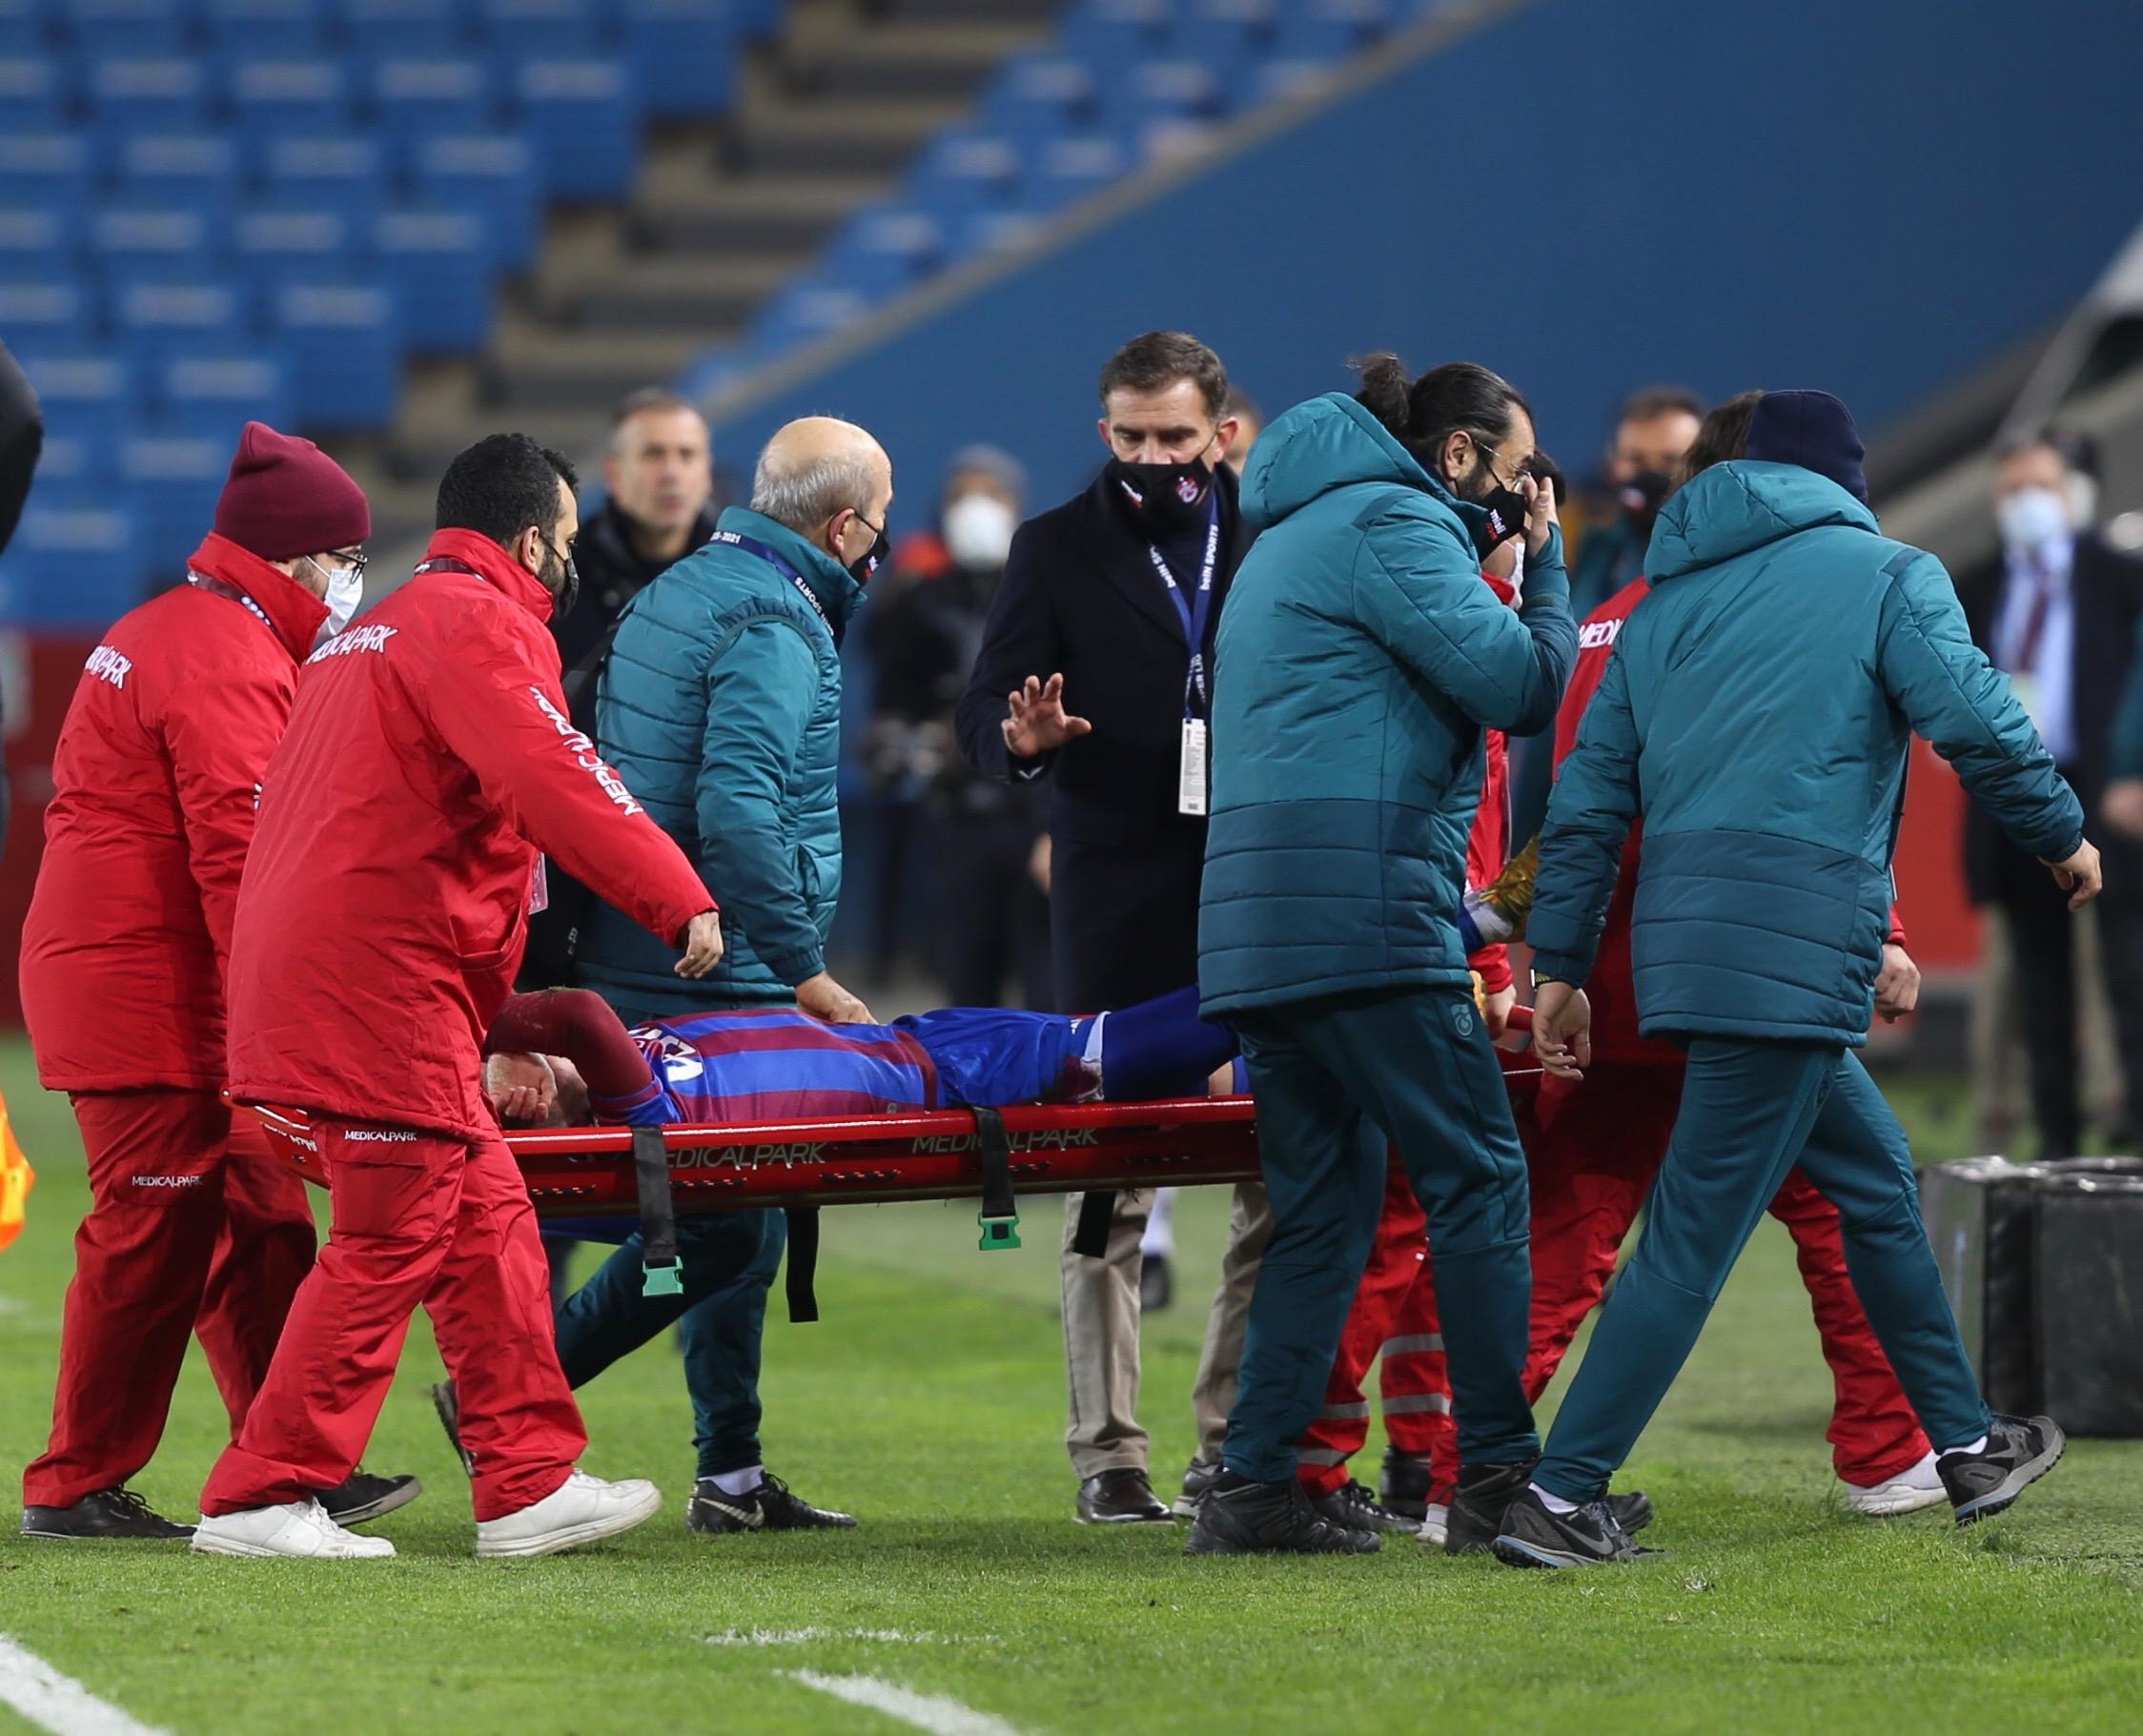 Trabzonsporlu Abdülkadir Ömür'den kötü haber! Ayak bileği kırıldı